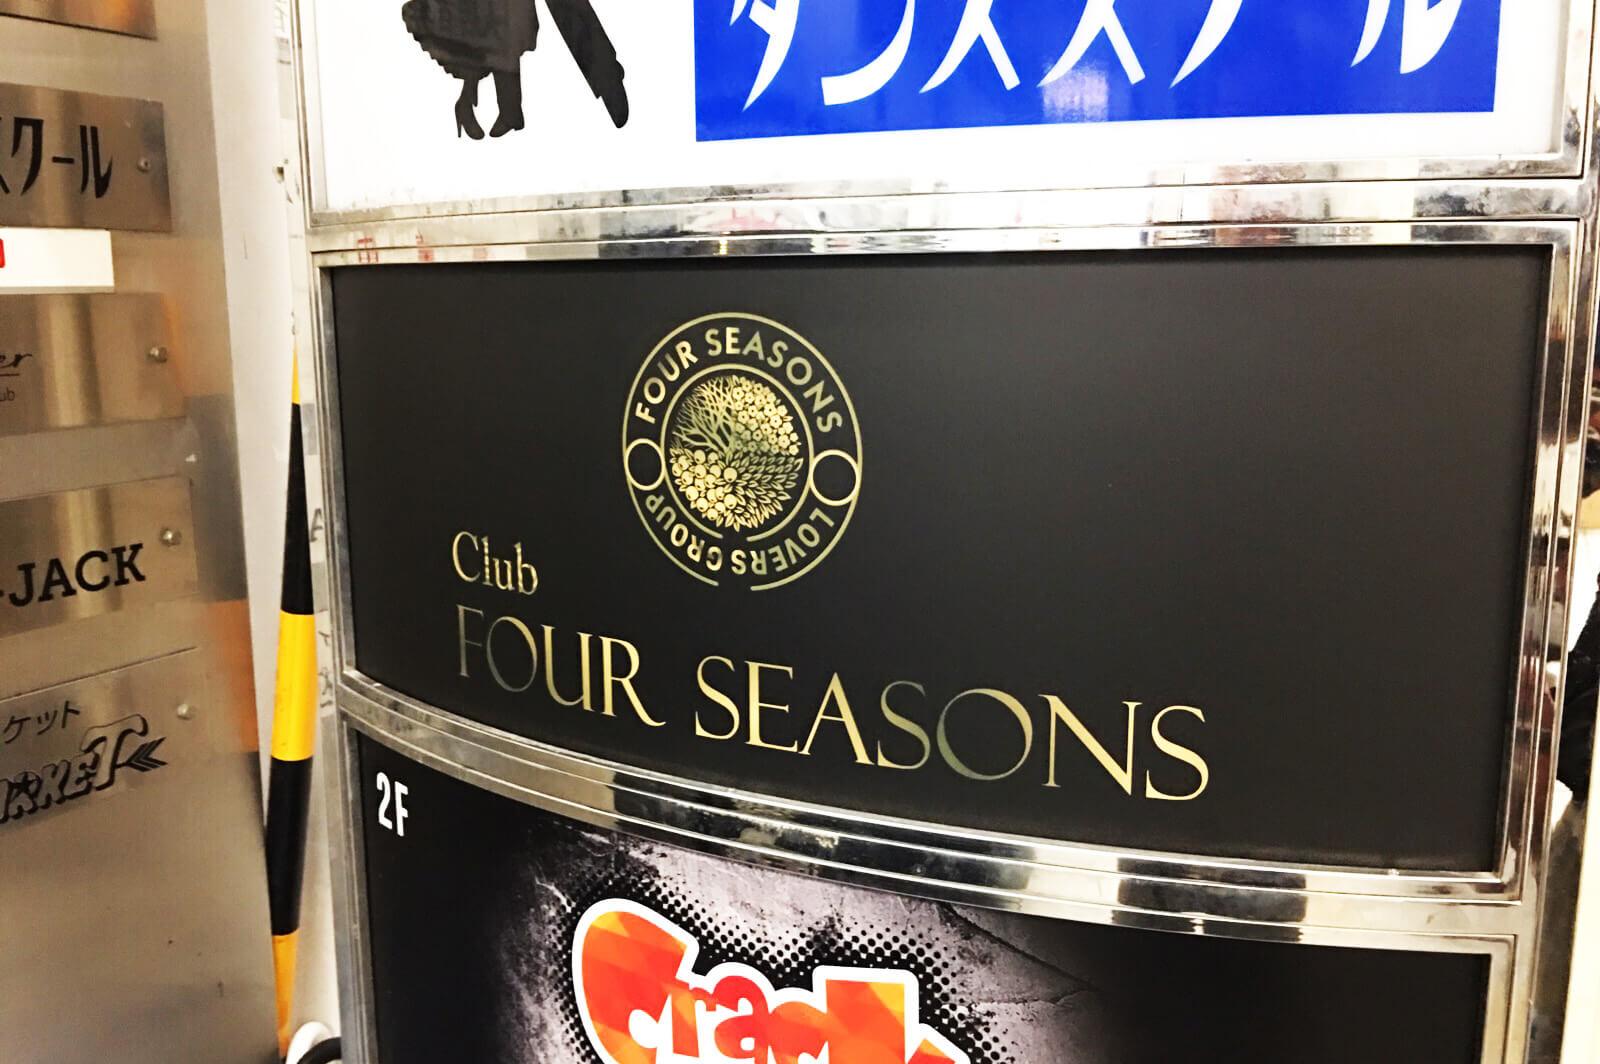 共同看板 - 【岐阜県岐阜市】柳ケ瀬キャバクラ様の看板及びメニュー表など担当させて頂きました。